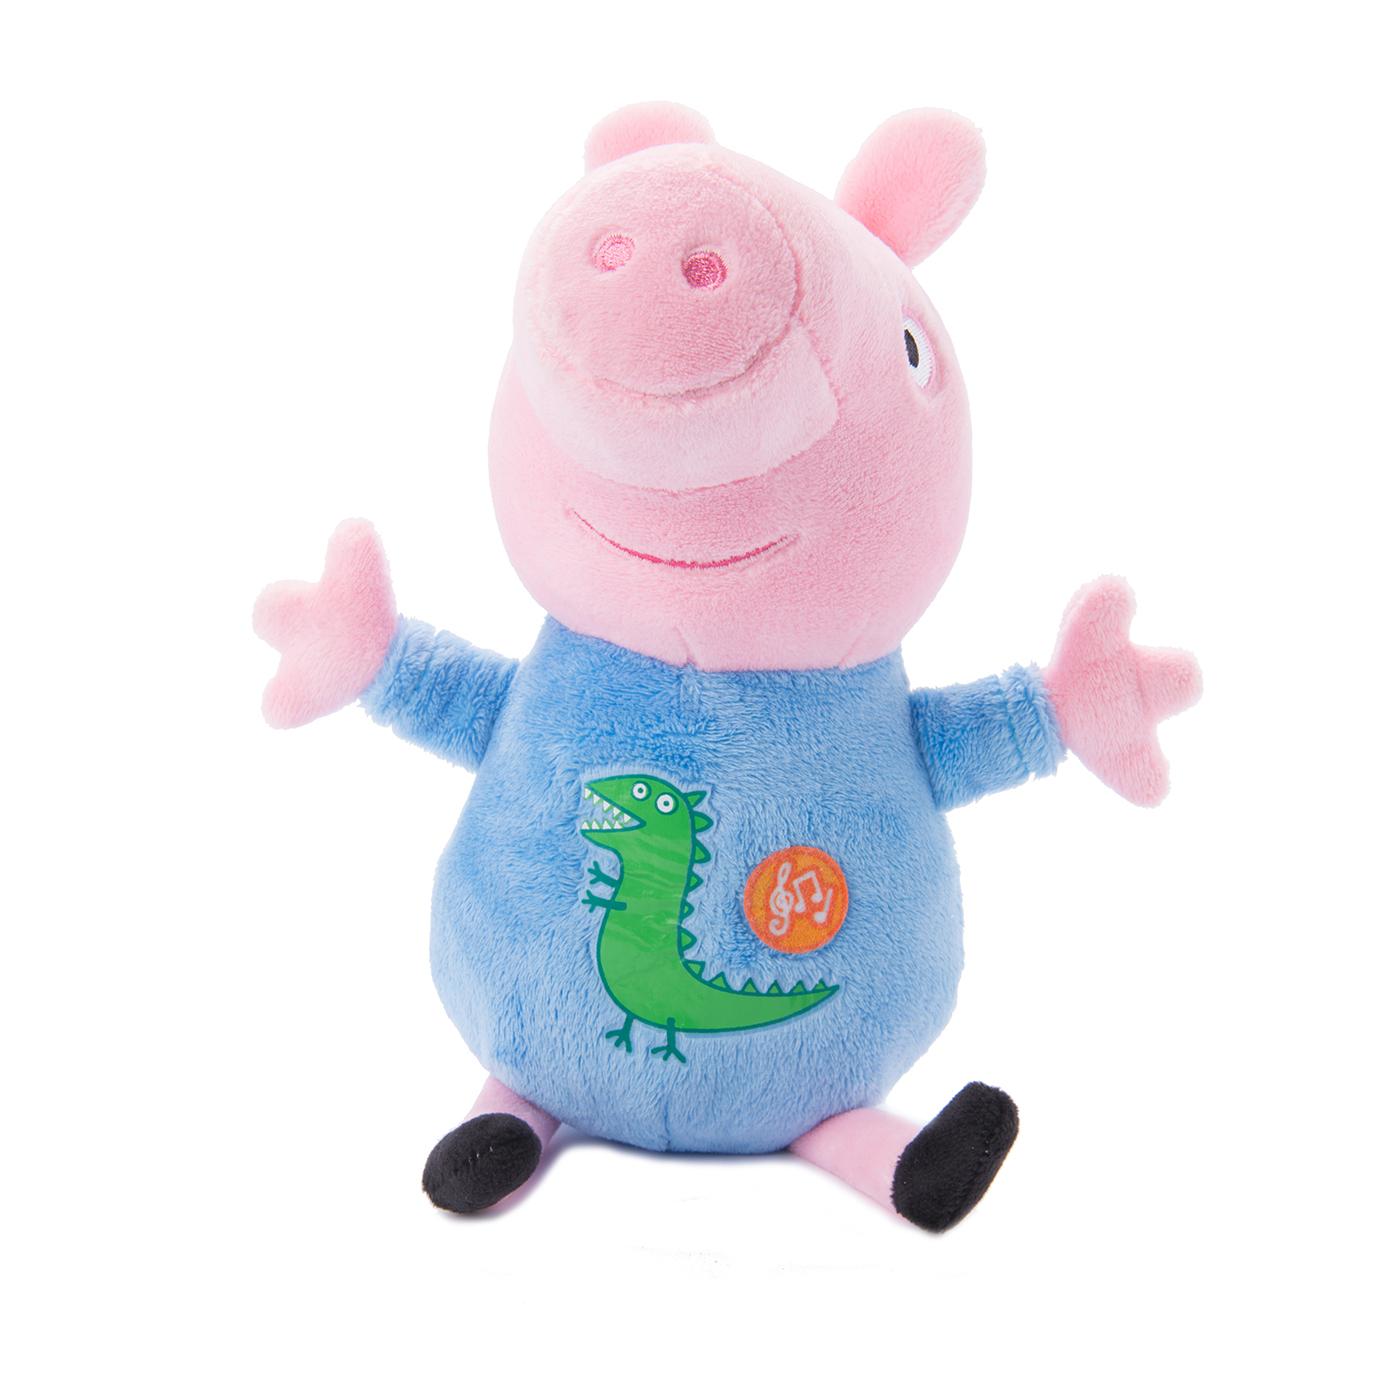 Мягкая игрушка Peppa Pig: Джордж со звуком (25 см)